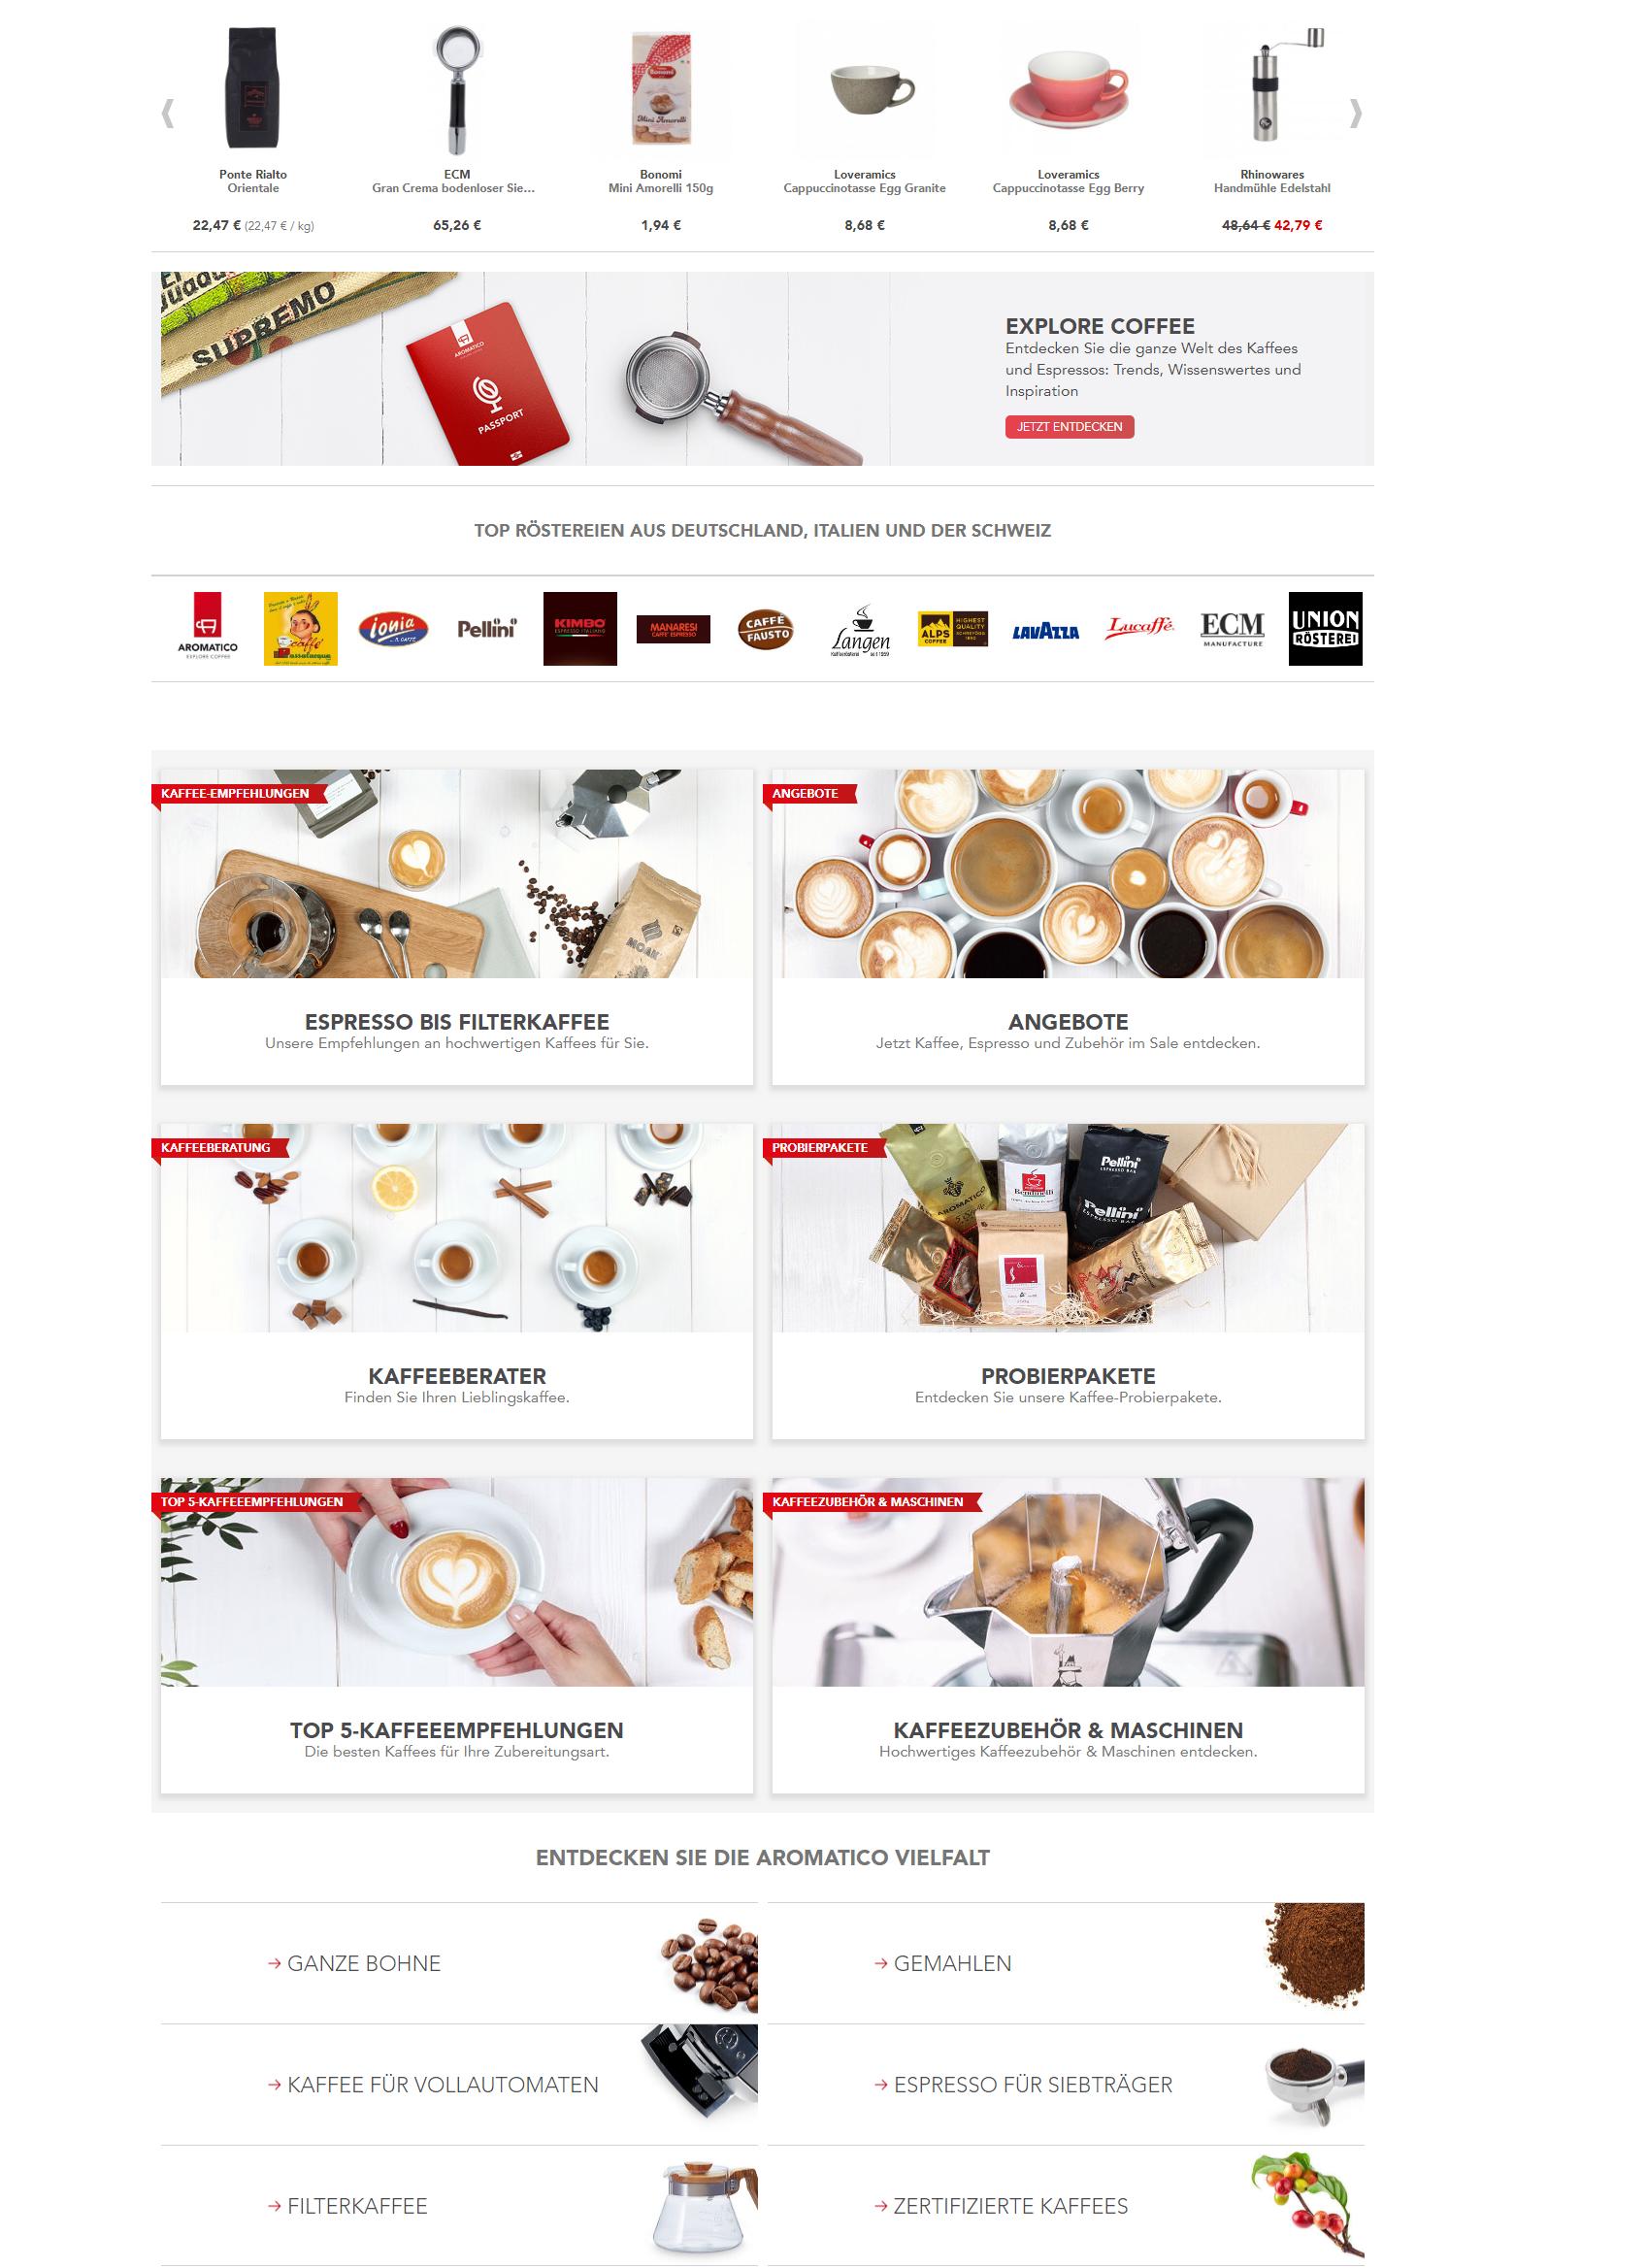 Premium Kaffee & Espresso im Online Shop von Aroma